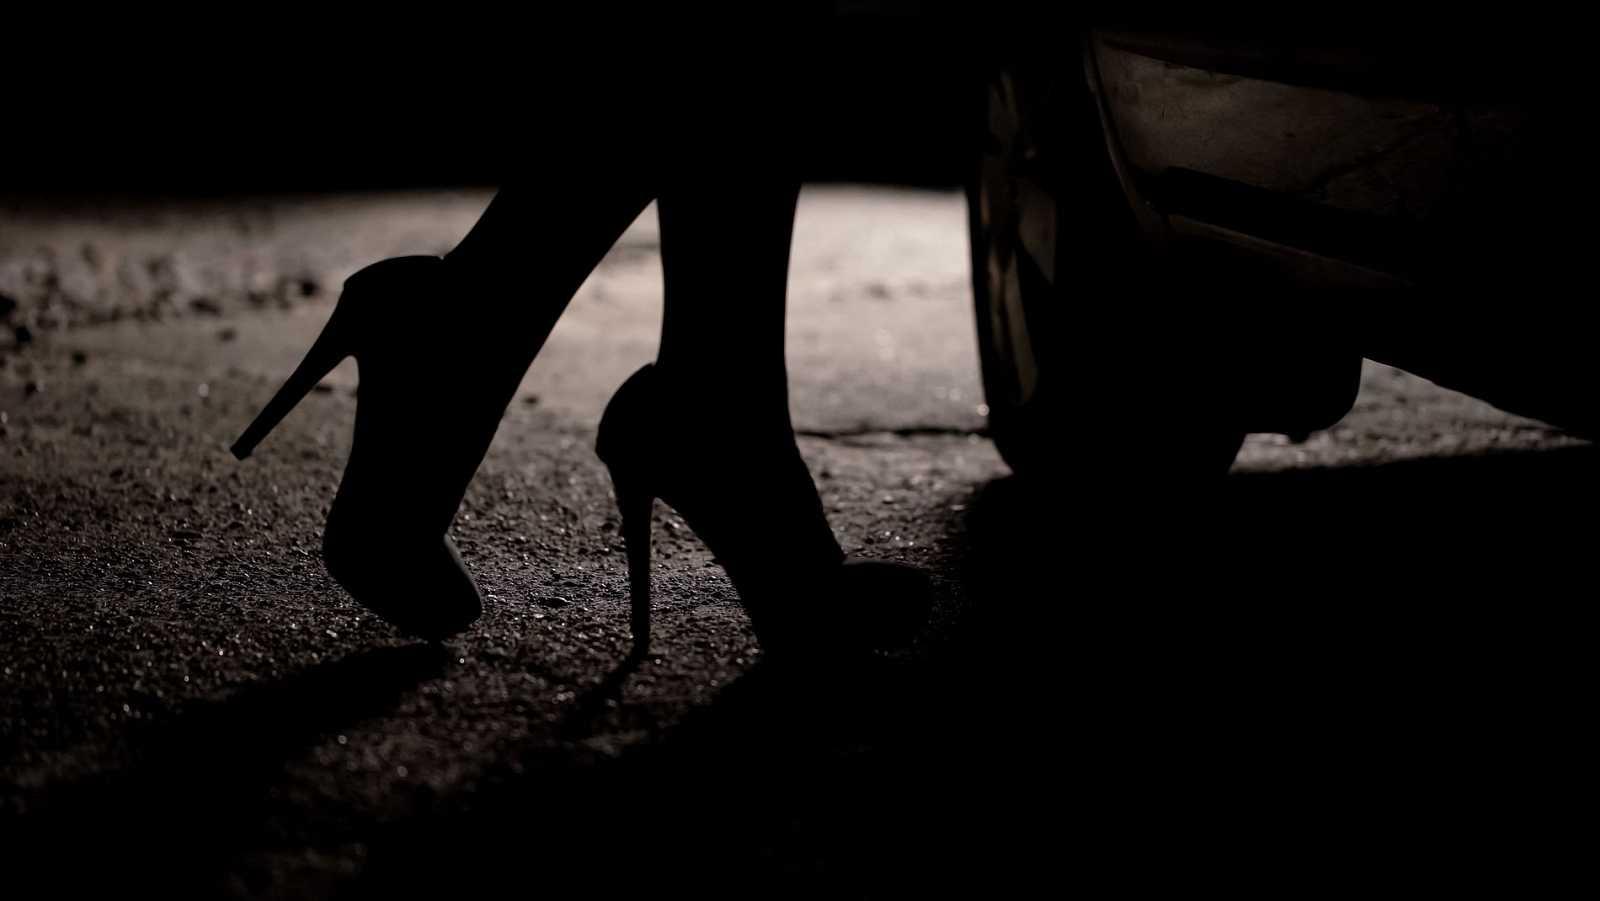 Francia reabre el debate sobre la legalización de la asistencia sexual a personas con discapacidad